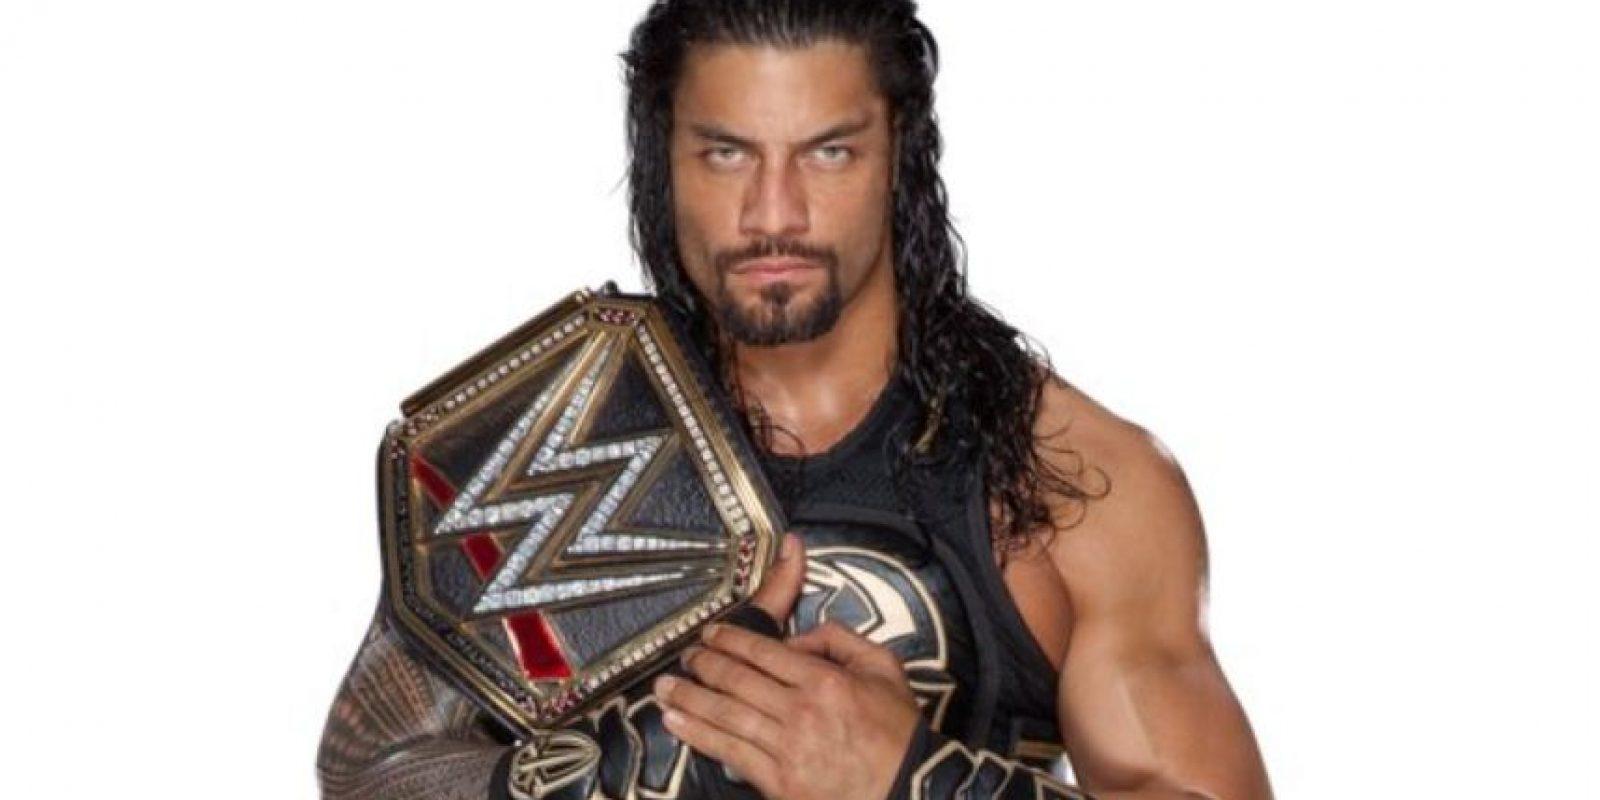 Buscaría el Campeonato Mundial de Peso Pesado ante Seth Rollins y el campéon Dean Ambrose en el próximo PPV. Foto:WWE